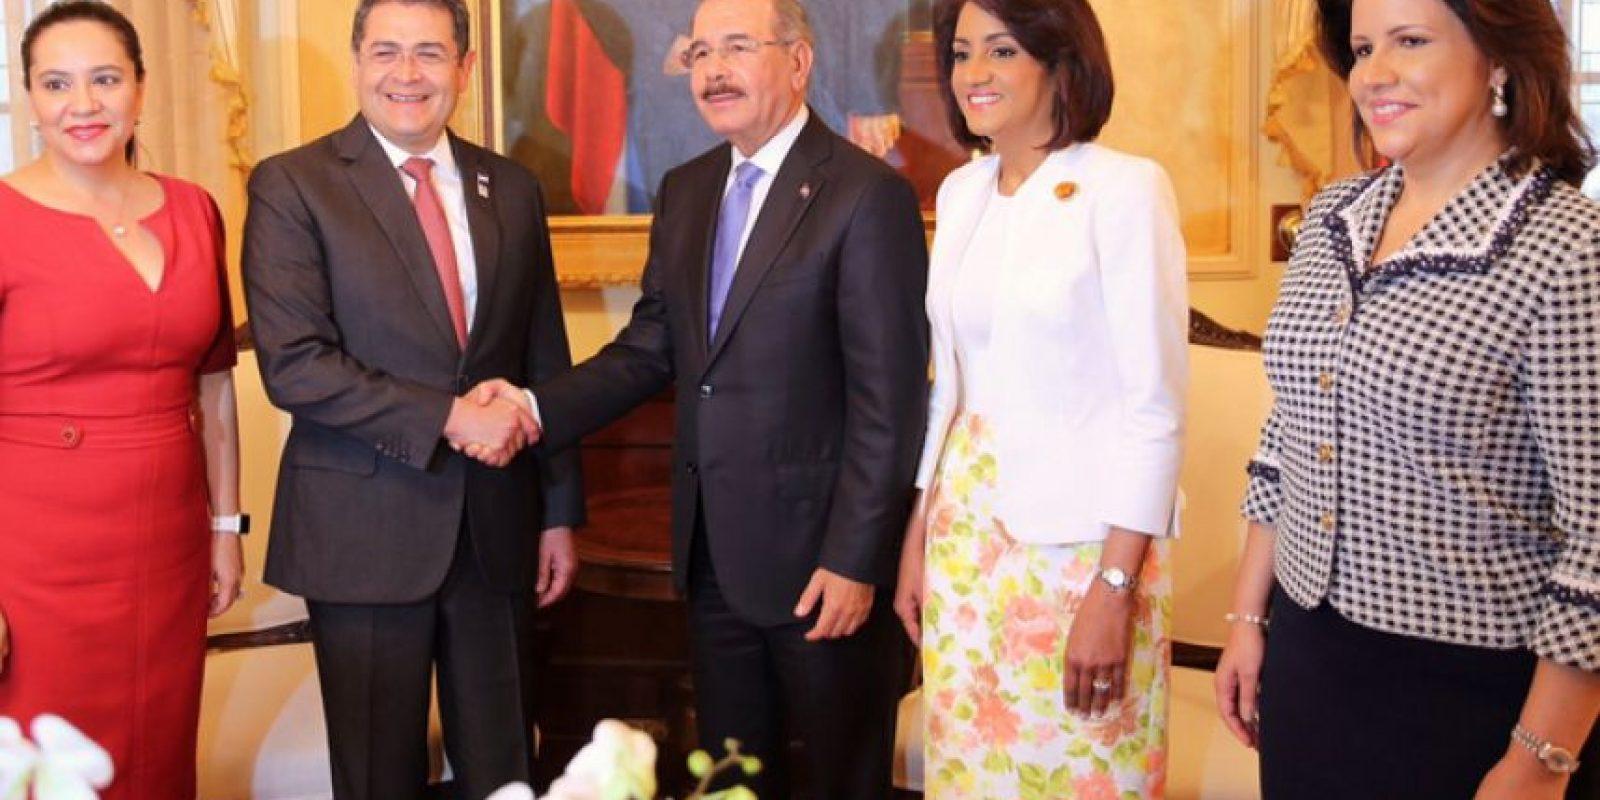 Pareja presidencial de Honduras, junto a la de Dominicana y la vicepresidenta de RD, Margarita Cedeño Foto:Presidencia RD